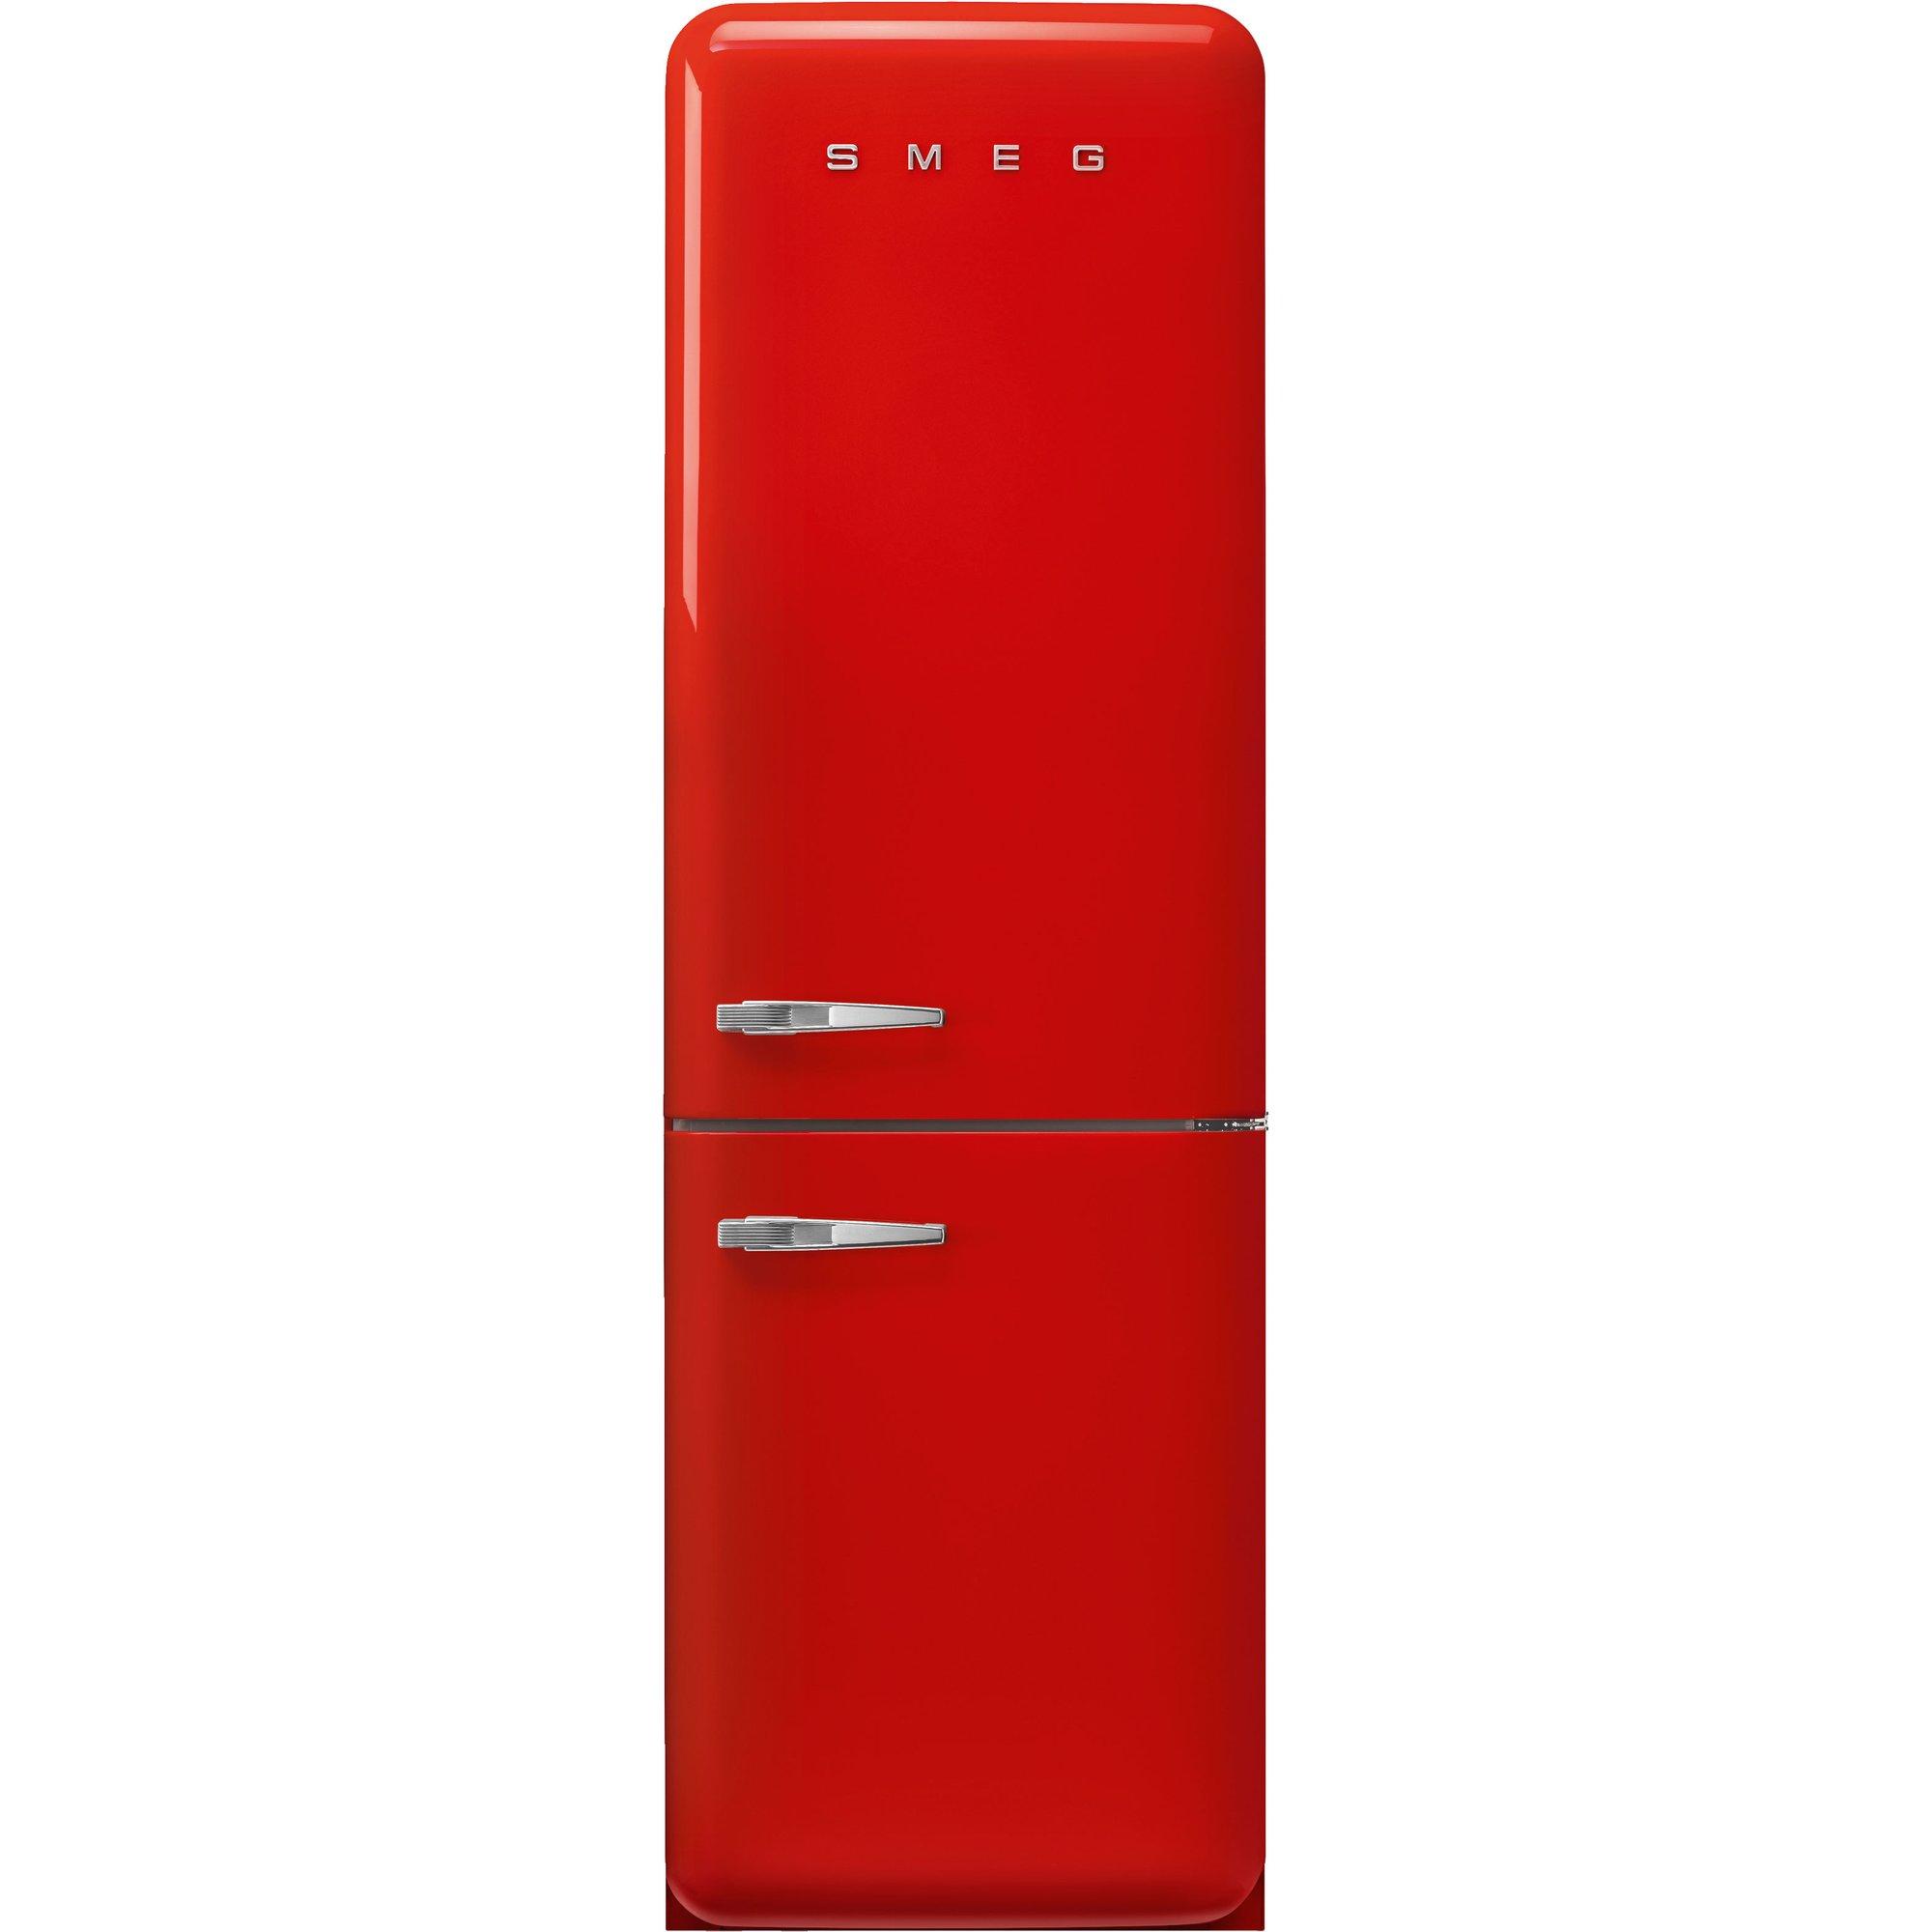 Smeg FAB32RRD5 Køle-/fryseskab rød